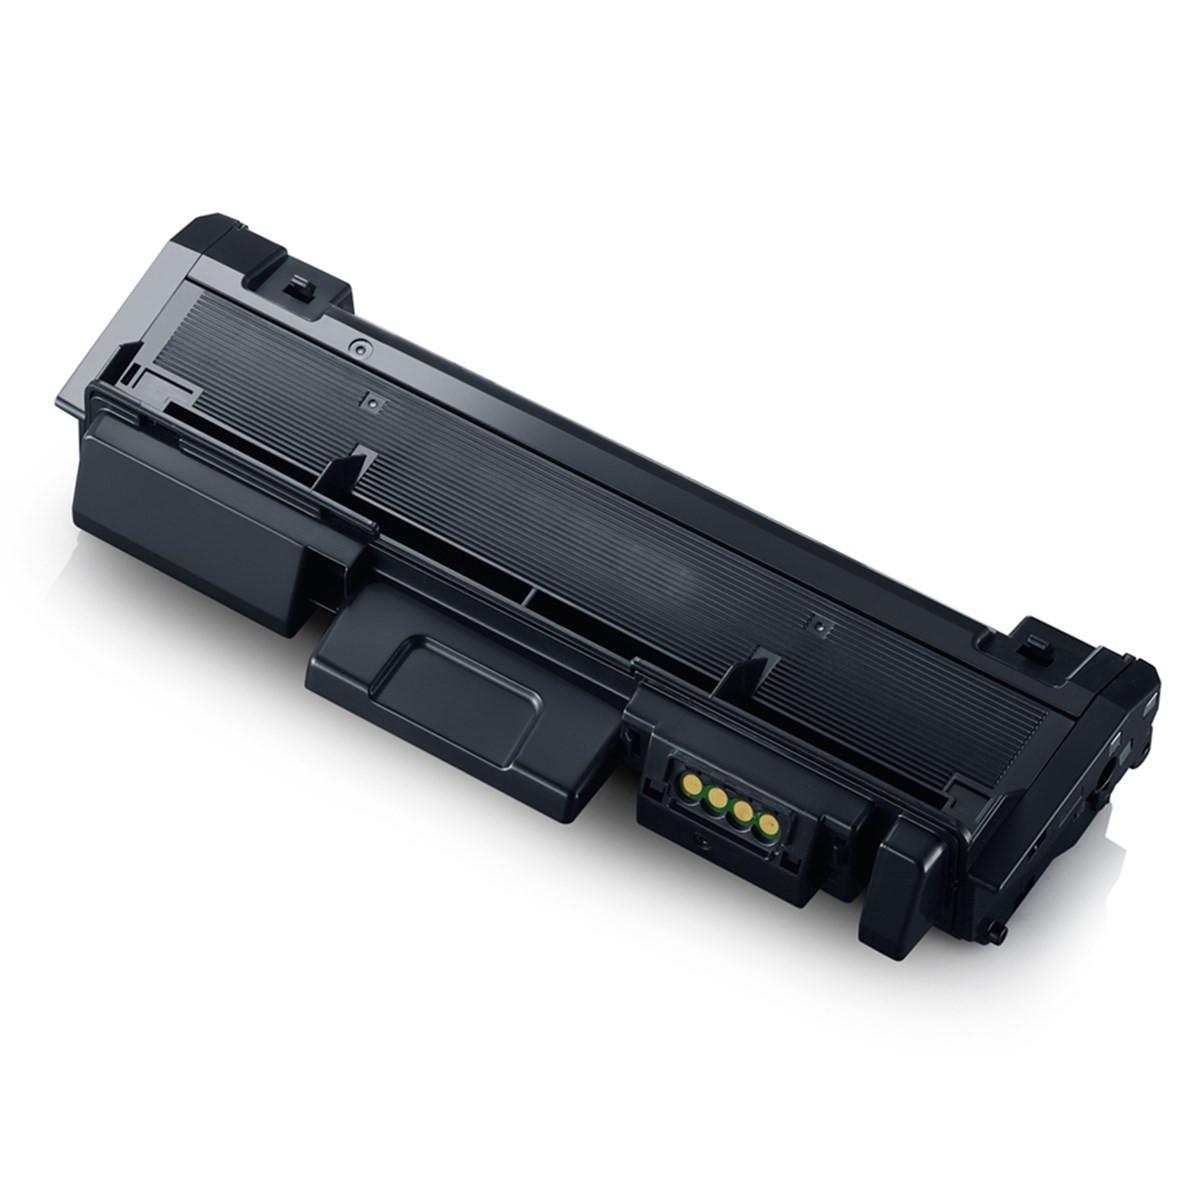 Toner Compatível Samsung MLT-D116S D116 116S | SL-M2885FW SL-M2835DW SL-M2825ND M2875FD | Premium 2k